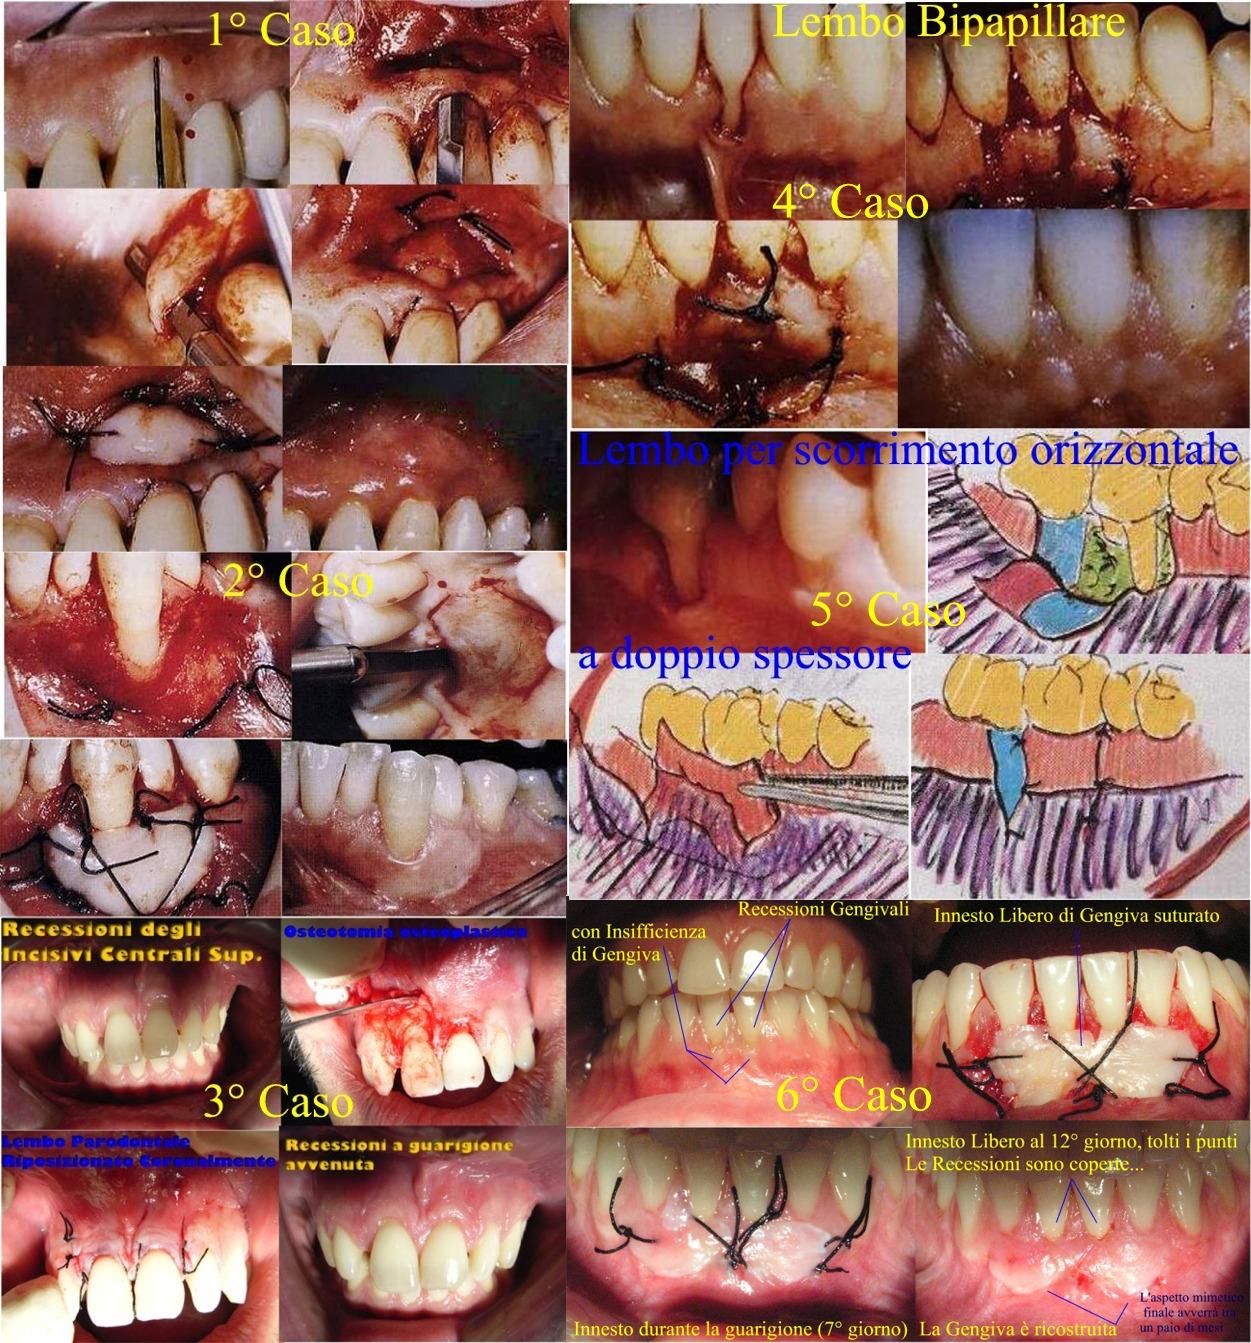 Recessioni Gengivali. Terapia Chirurgica Parodontale Mucogengivale. Da casistica del Dottor Gustavo Petti Parodontologo di Cagliari